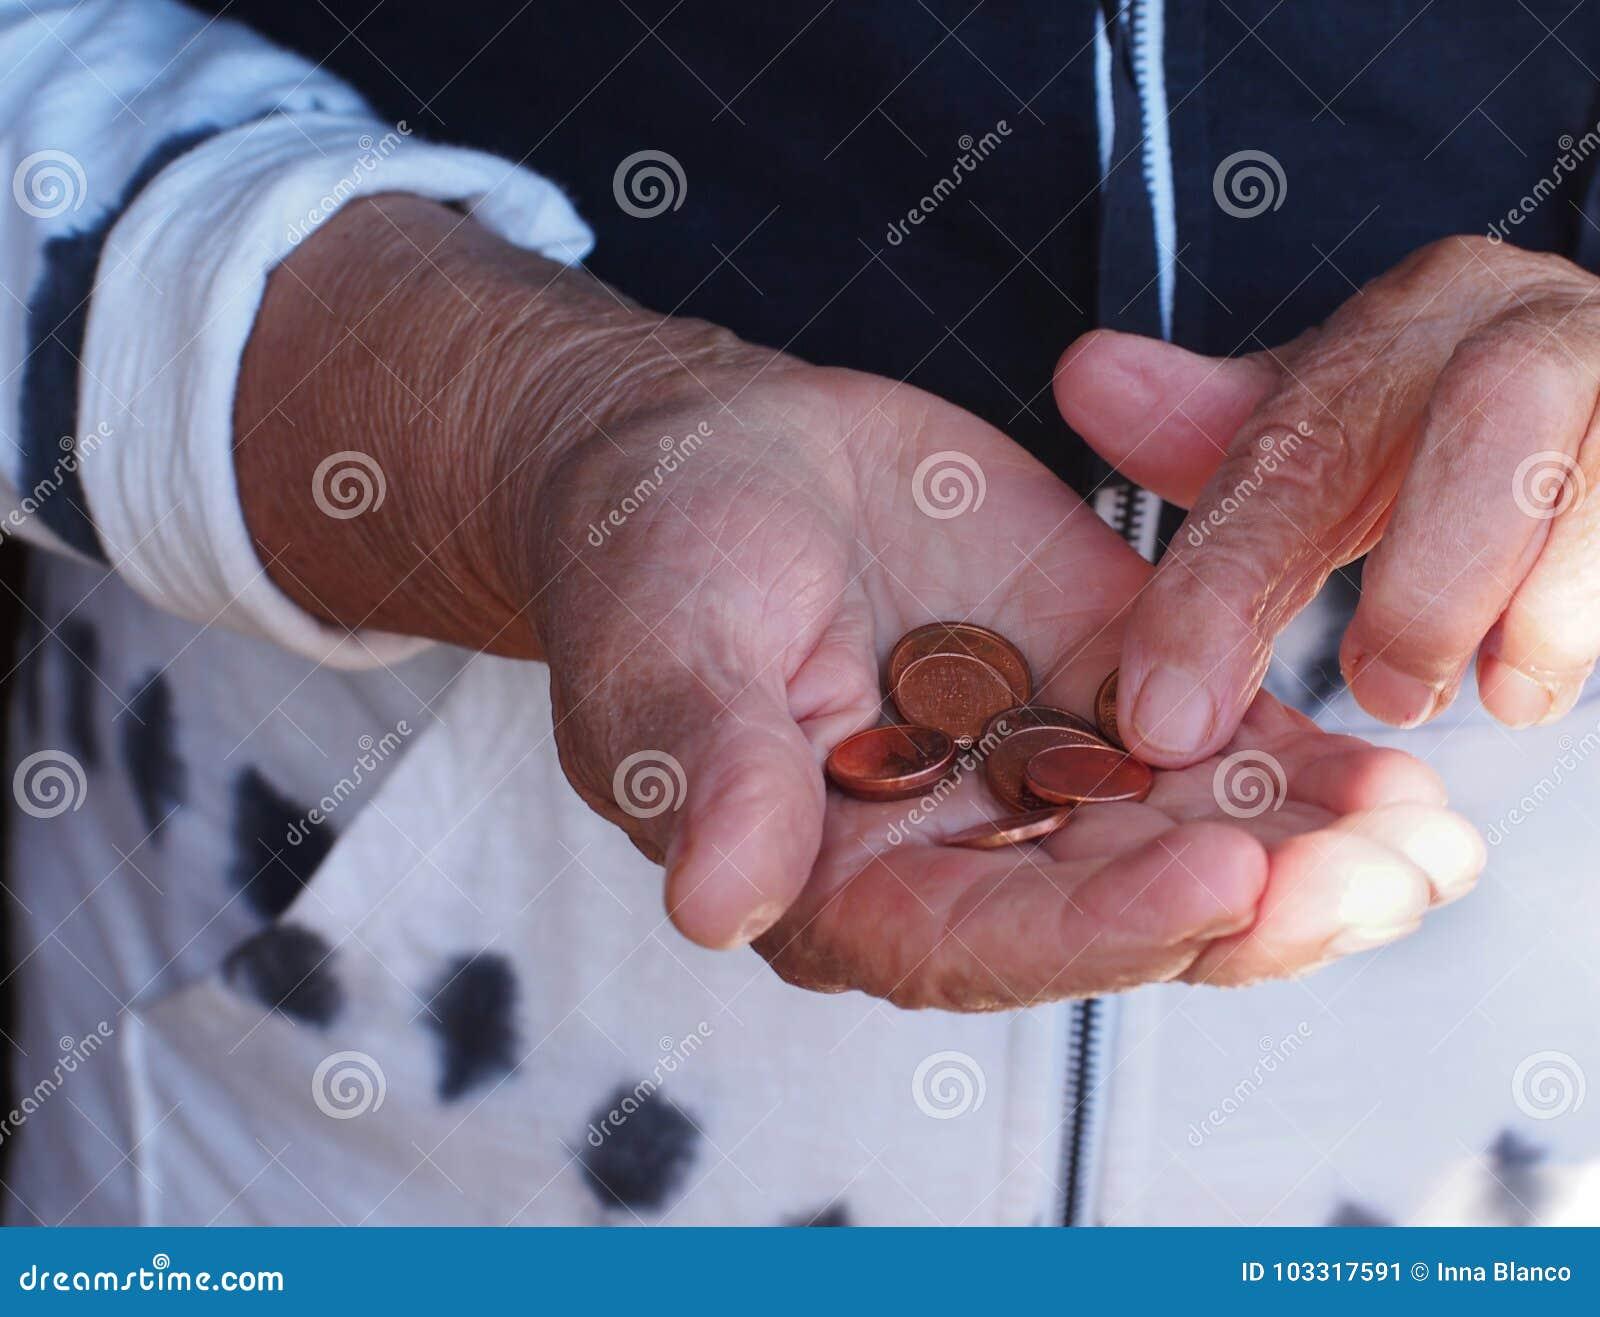 Kvinnan räcker att rymma några euromynt Pension, armod, sociala problem och senilitettema